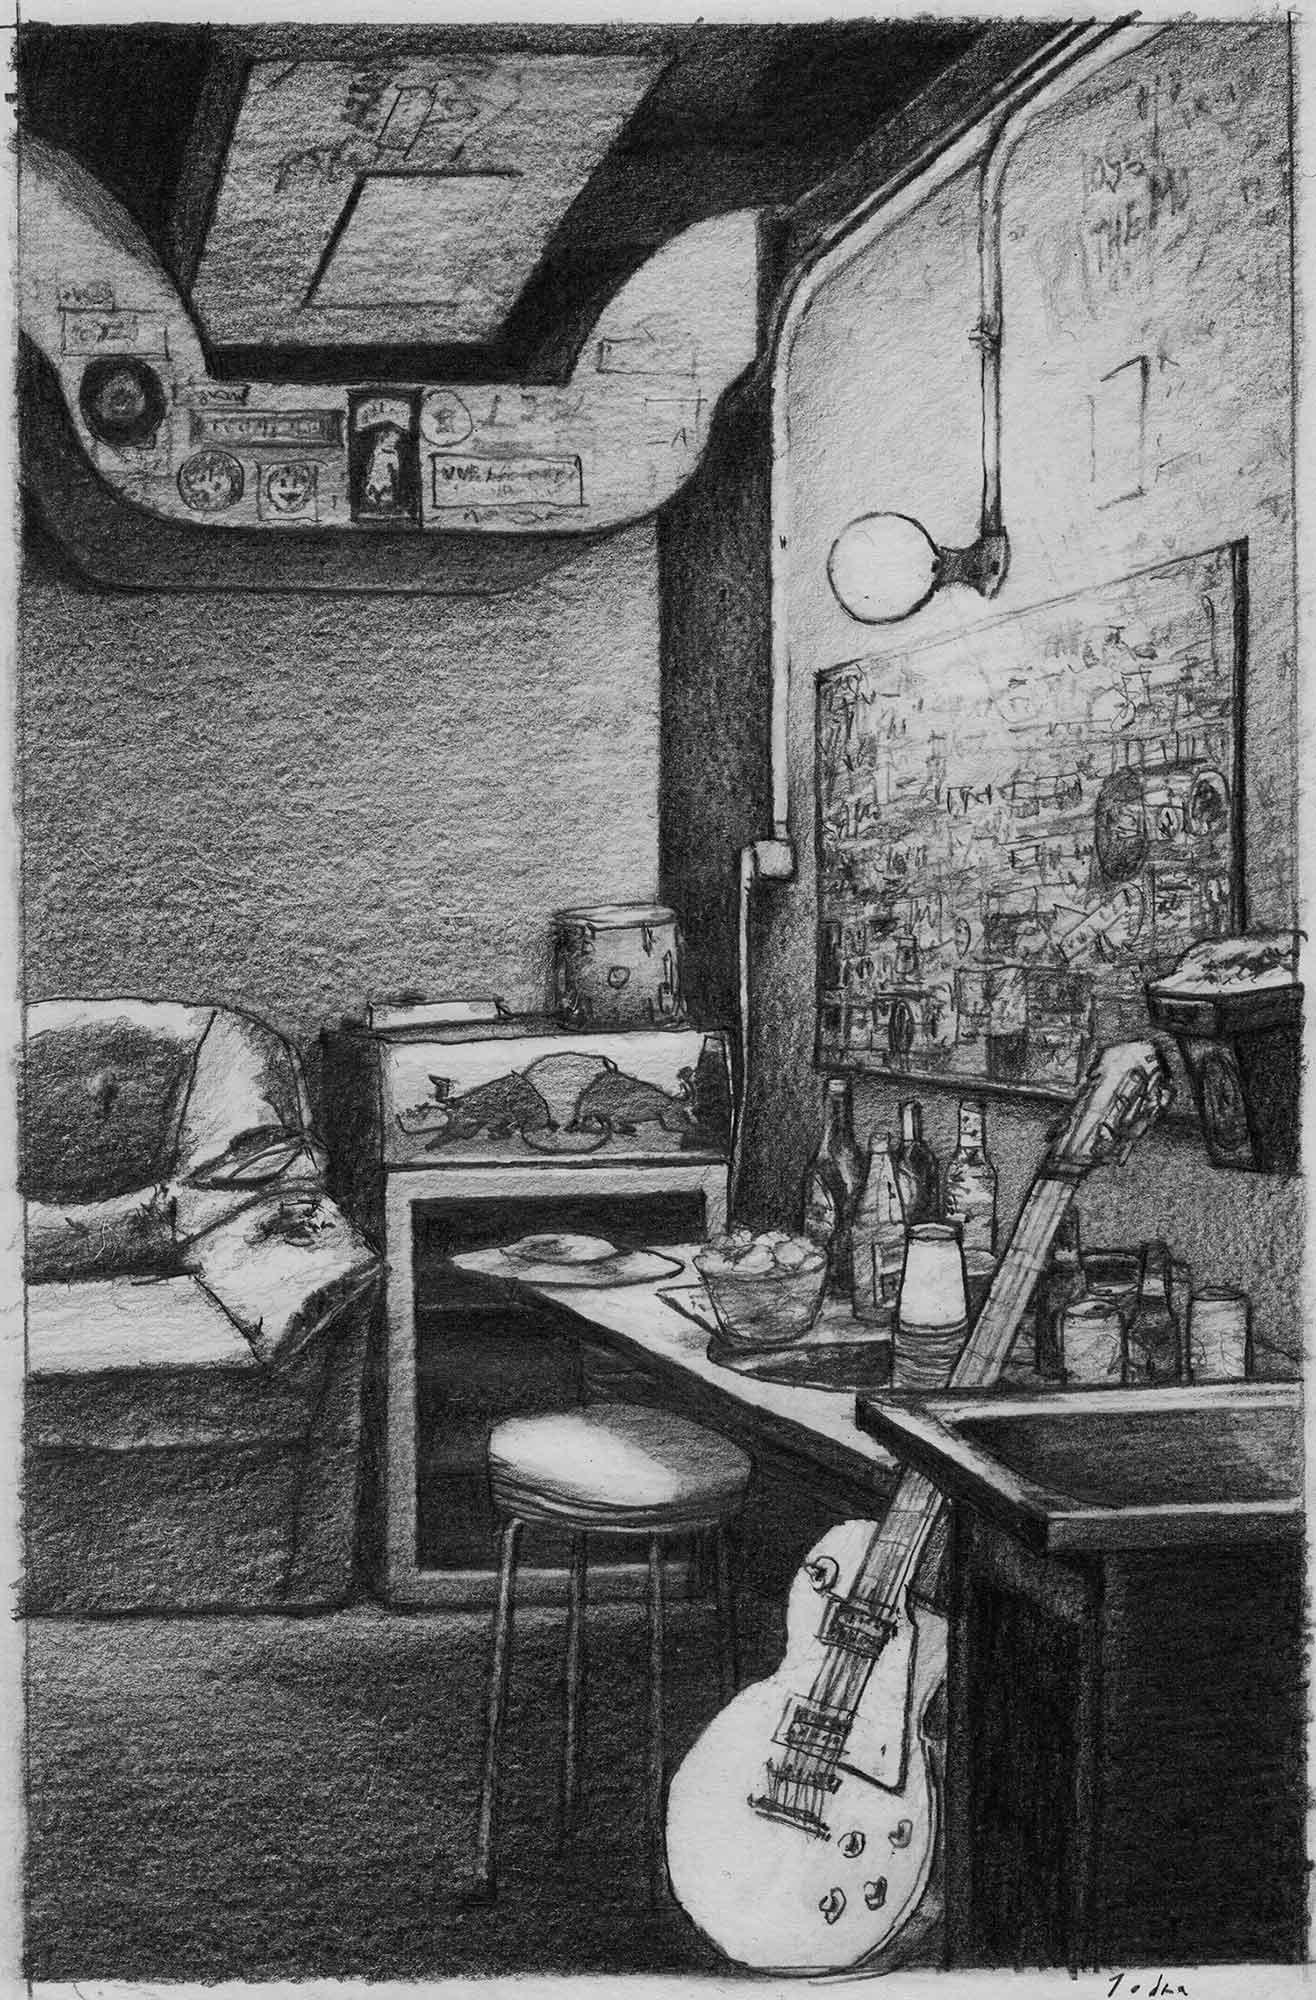 Mario Jodra Book Cover Art Sketch - Toma de tierra